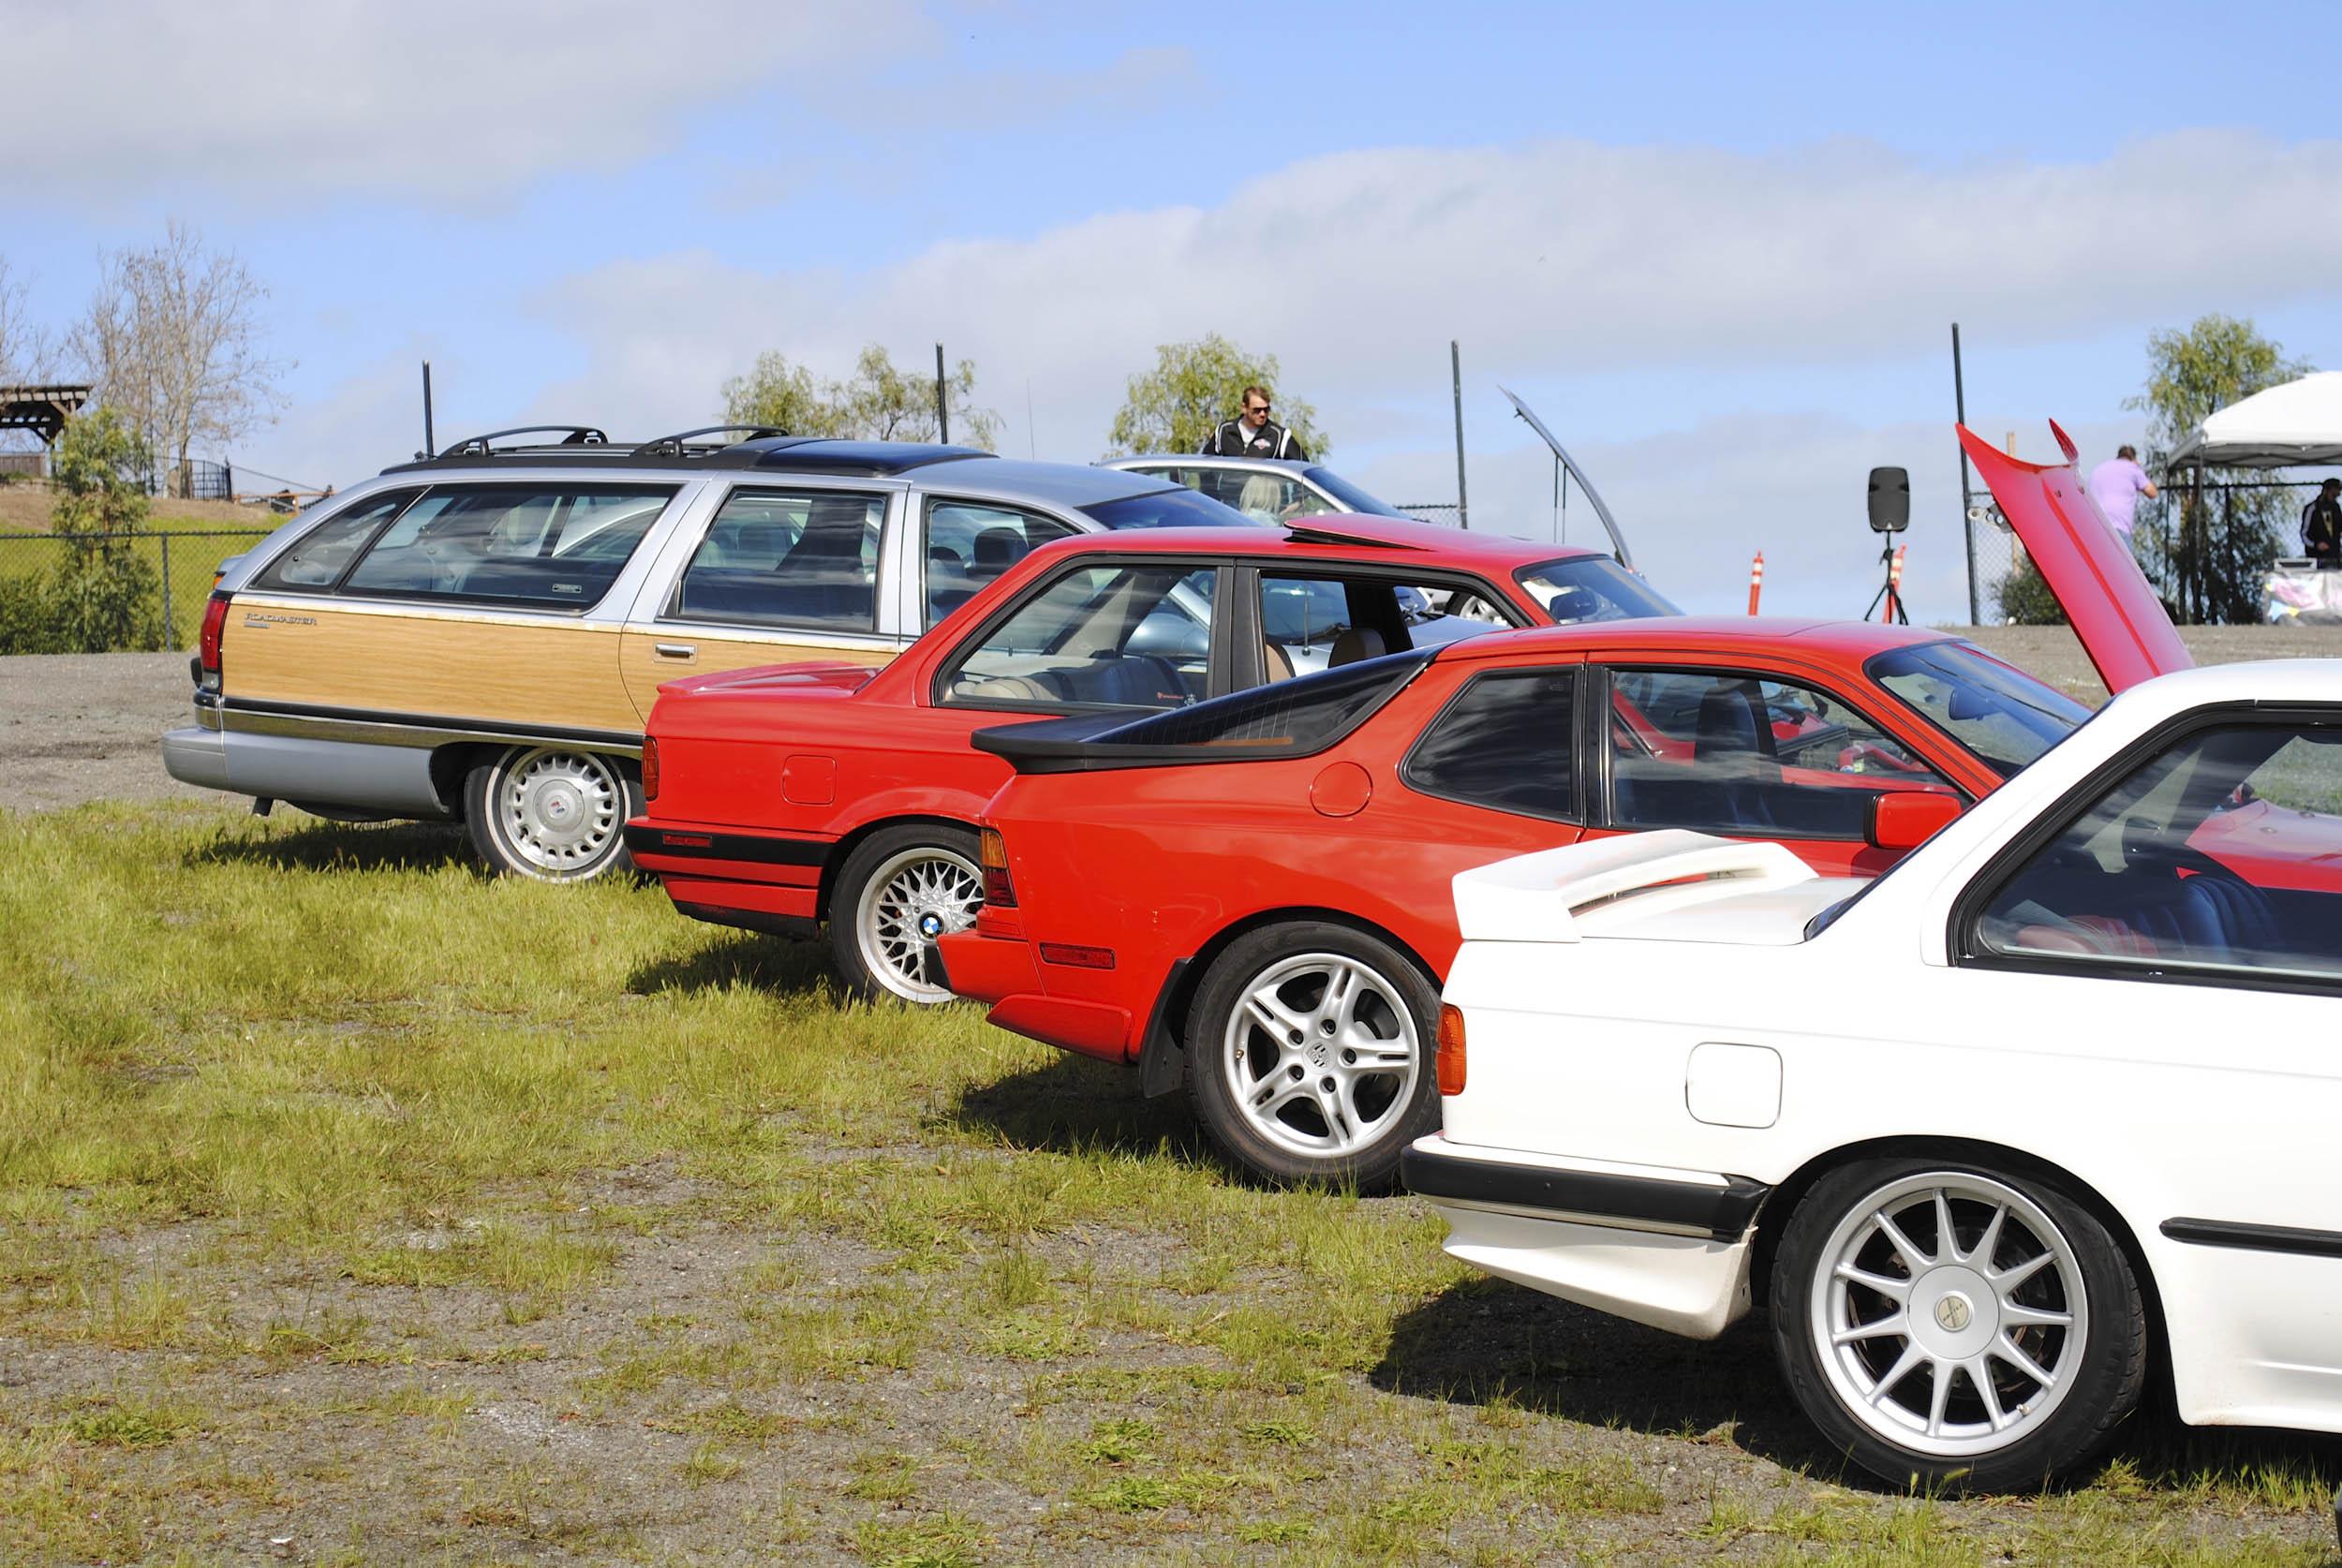 Radwood 80s and 90s cars